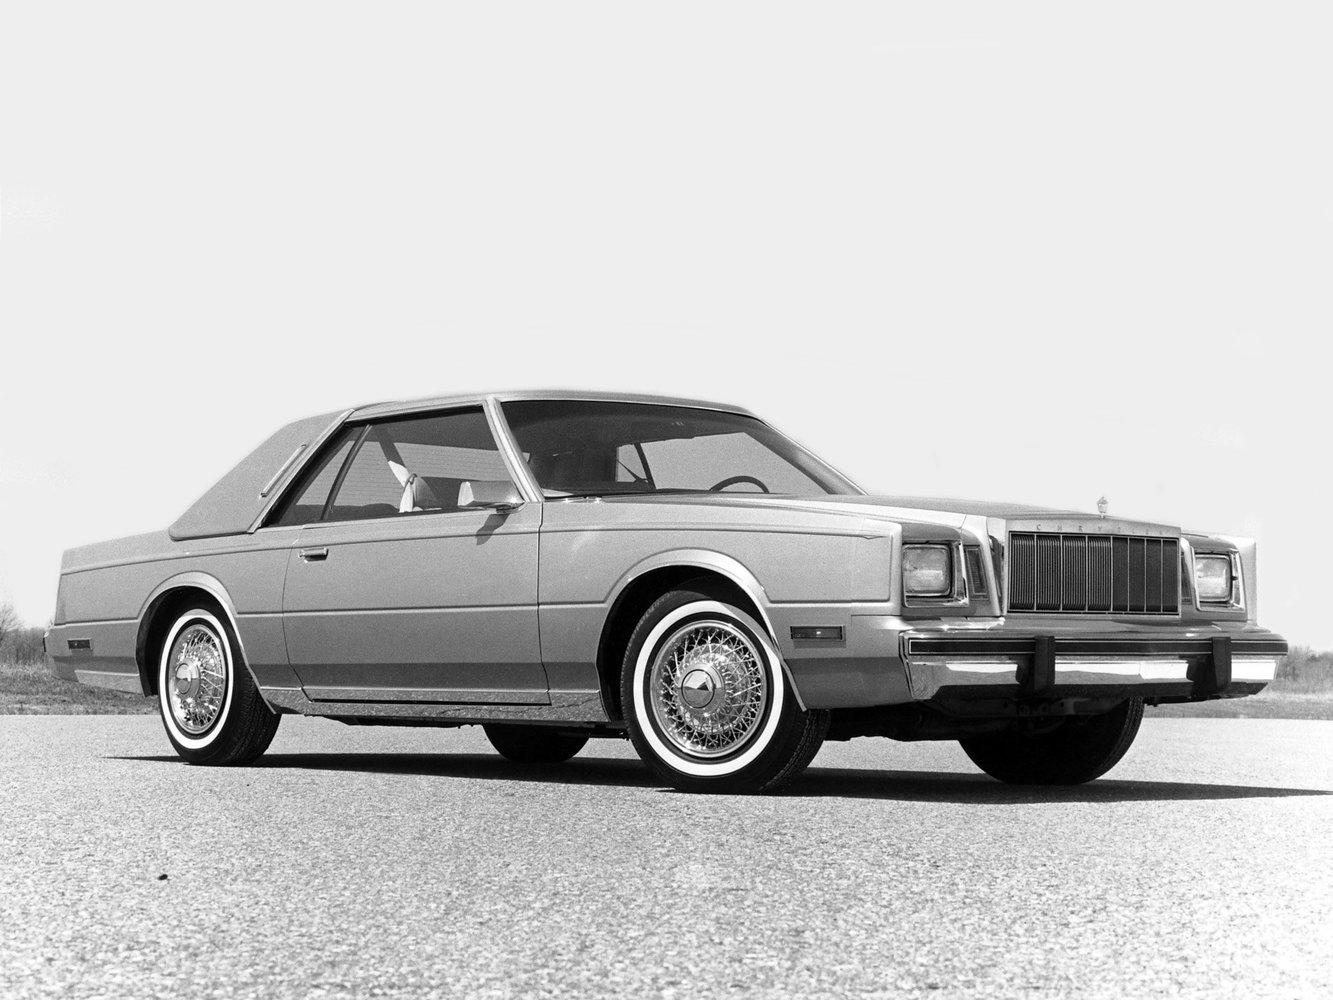 chrysler Chrysler Cordoba